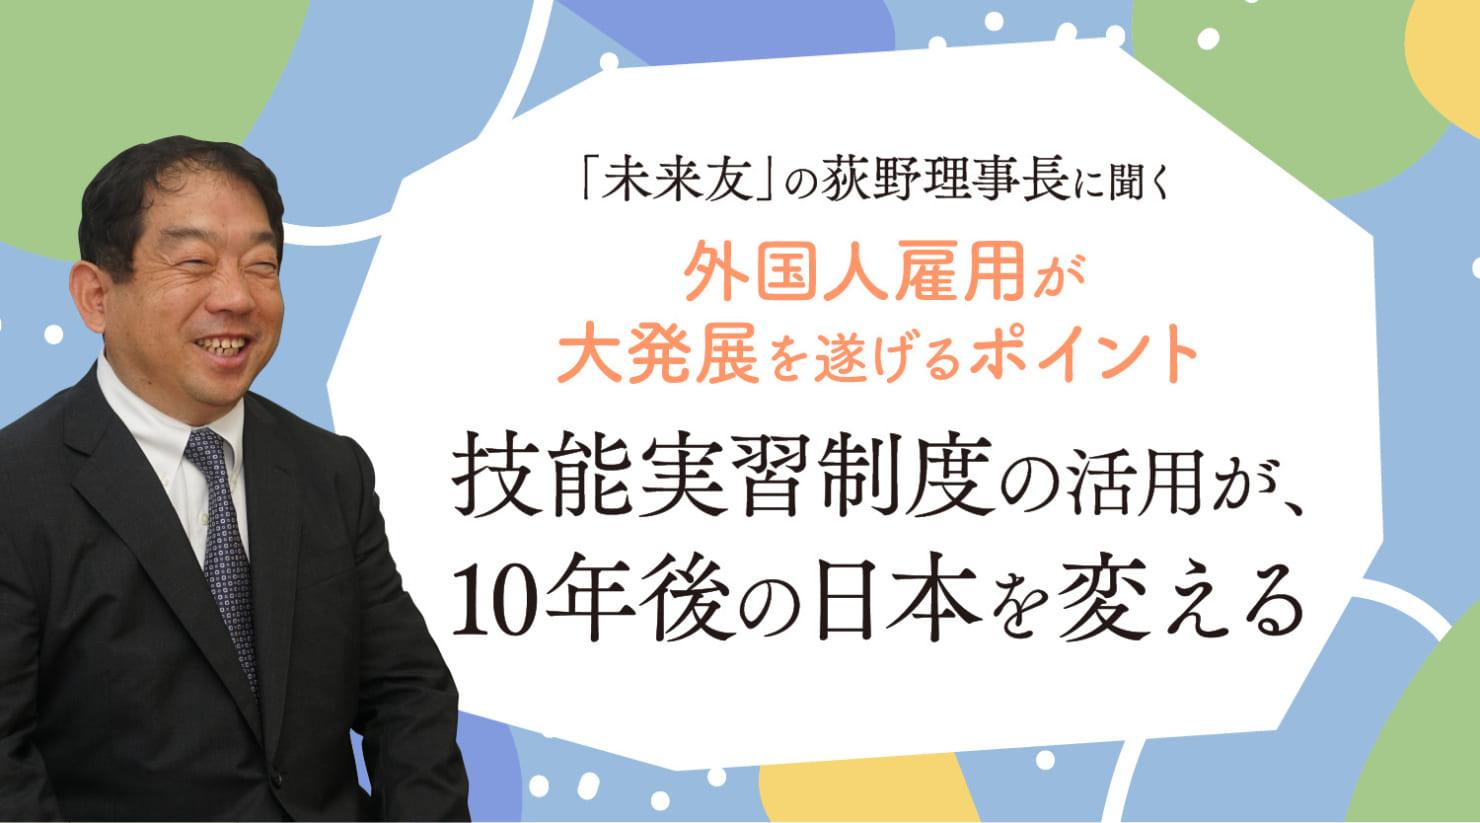 技能実習制度の活用が、10年後の日本を変える